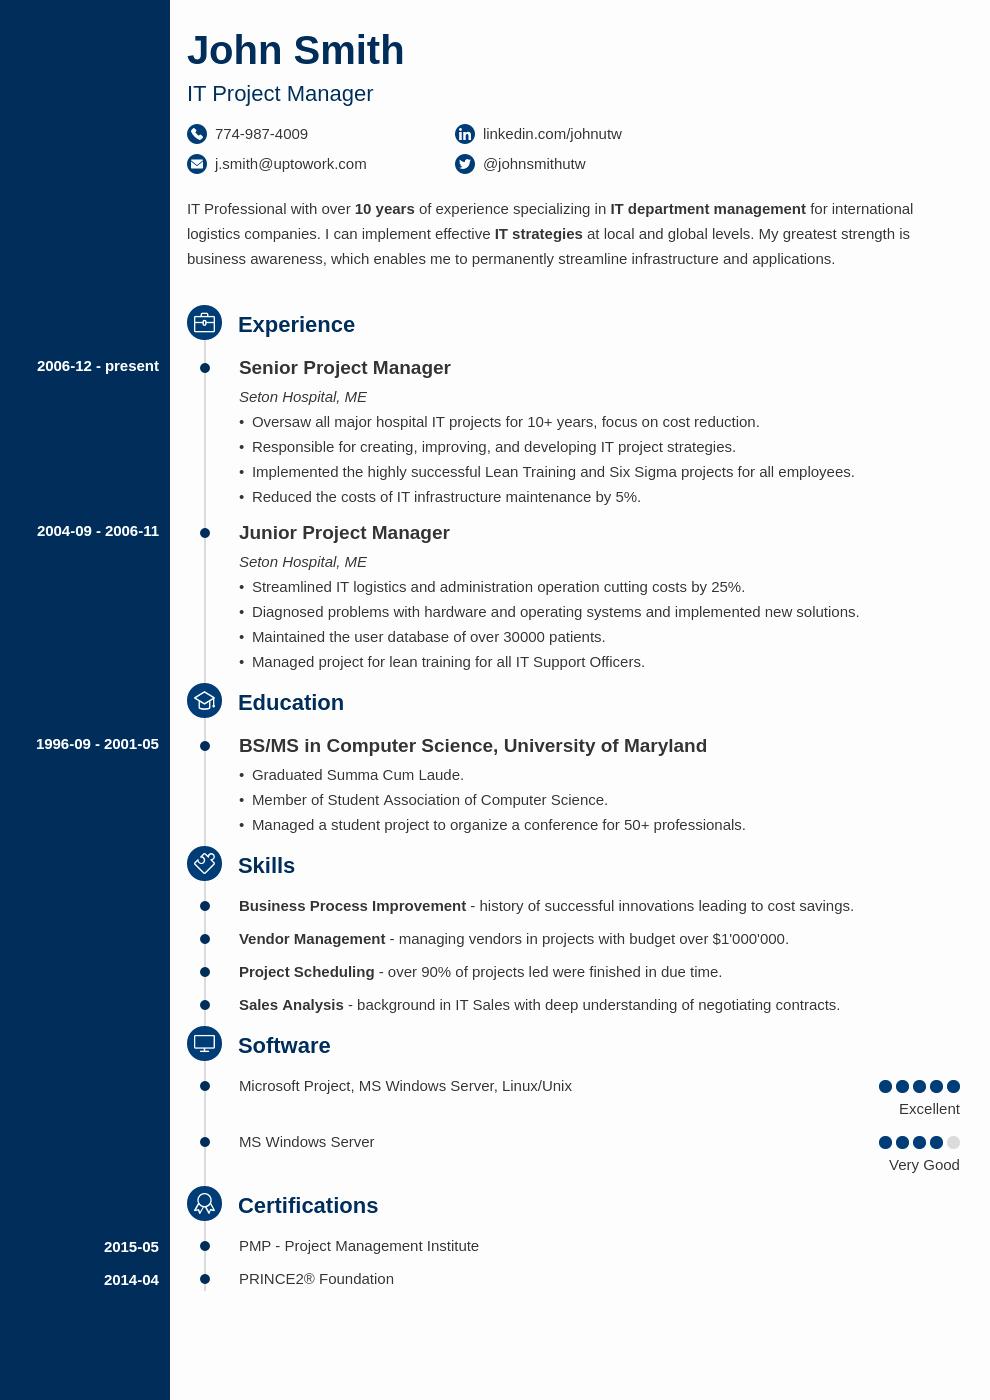 Professional Curriculum Vitae Template Download Lovely 20 Cv Templates Create A Professional Cv & Download In 5